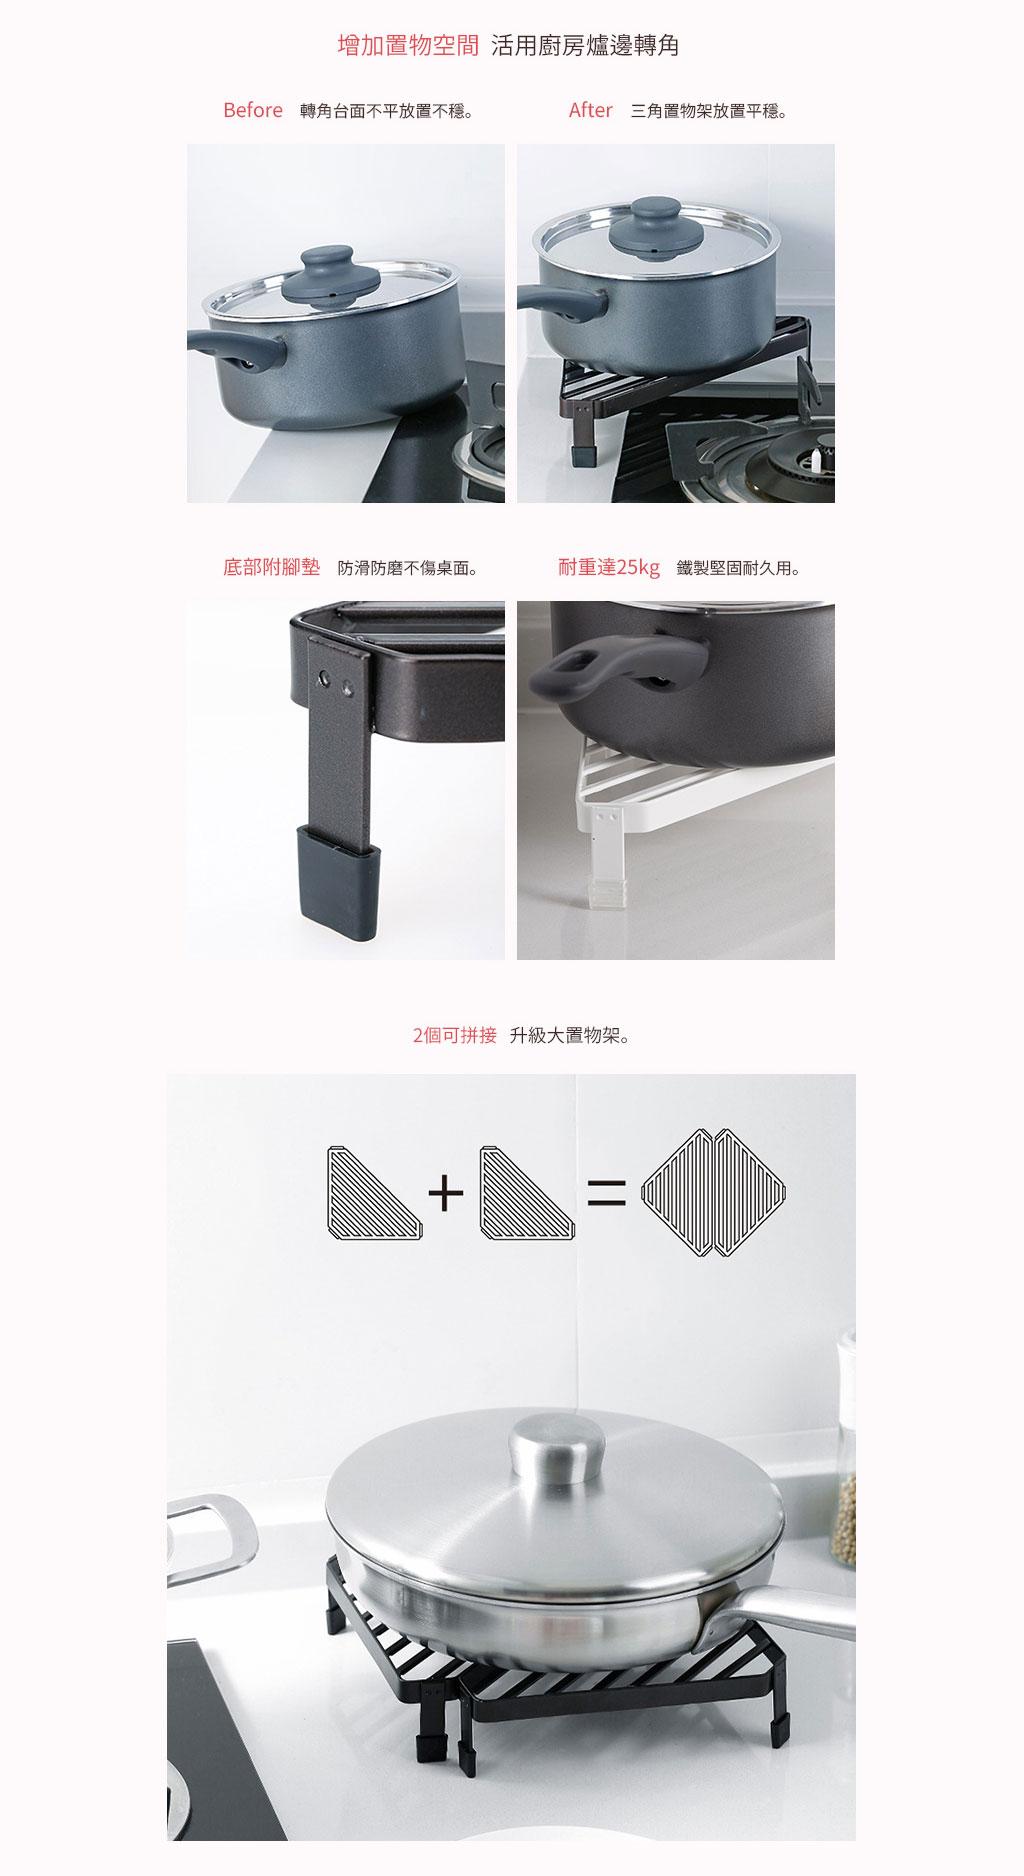 日本霜山 多功能鍋壺爐邊轉角/桌角金屬隔熱置物架